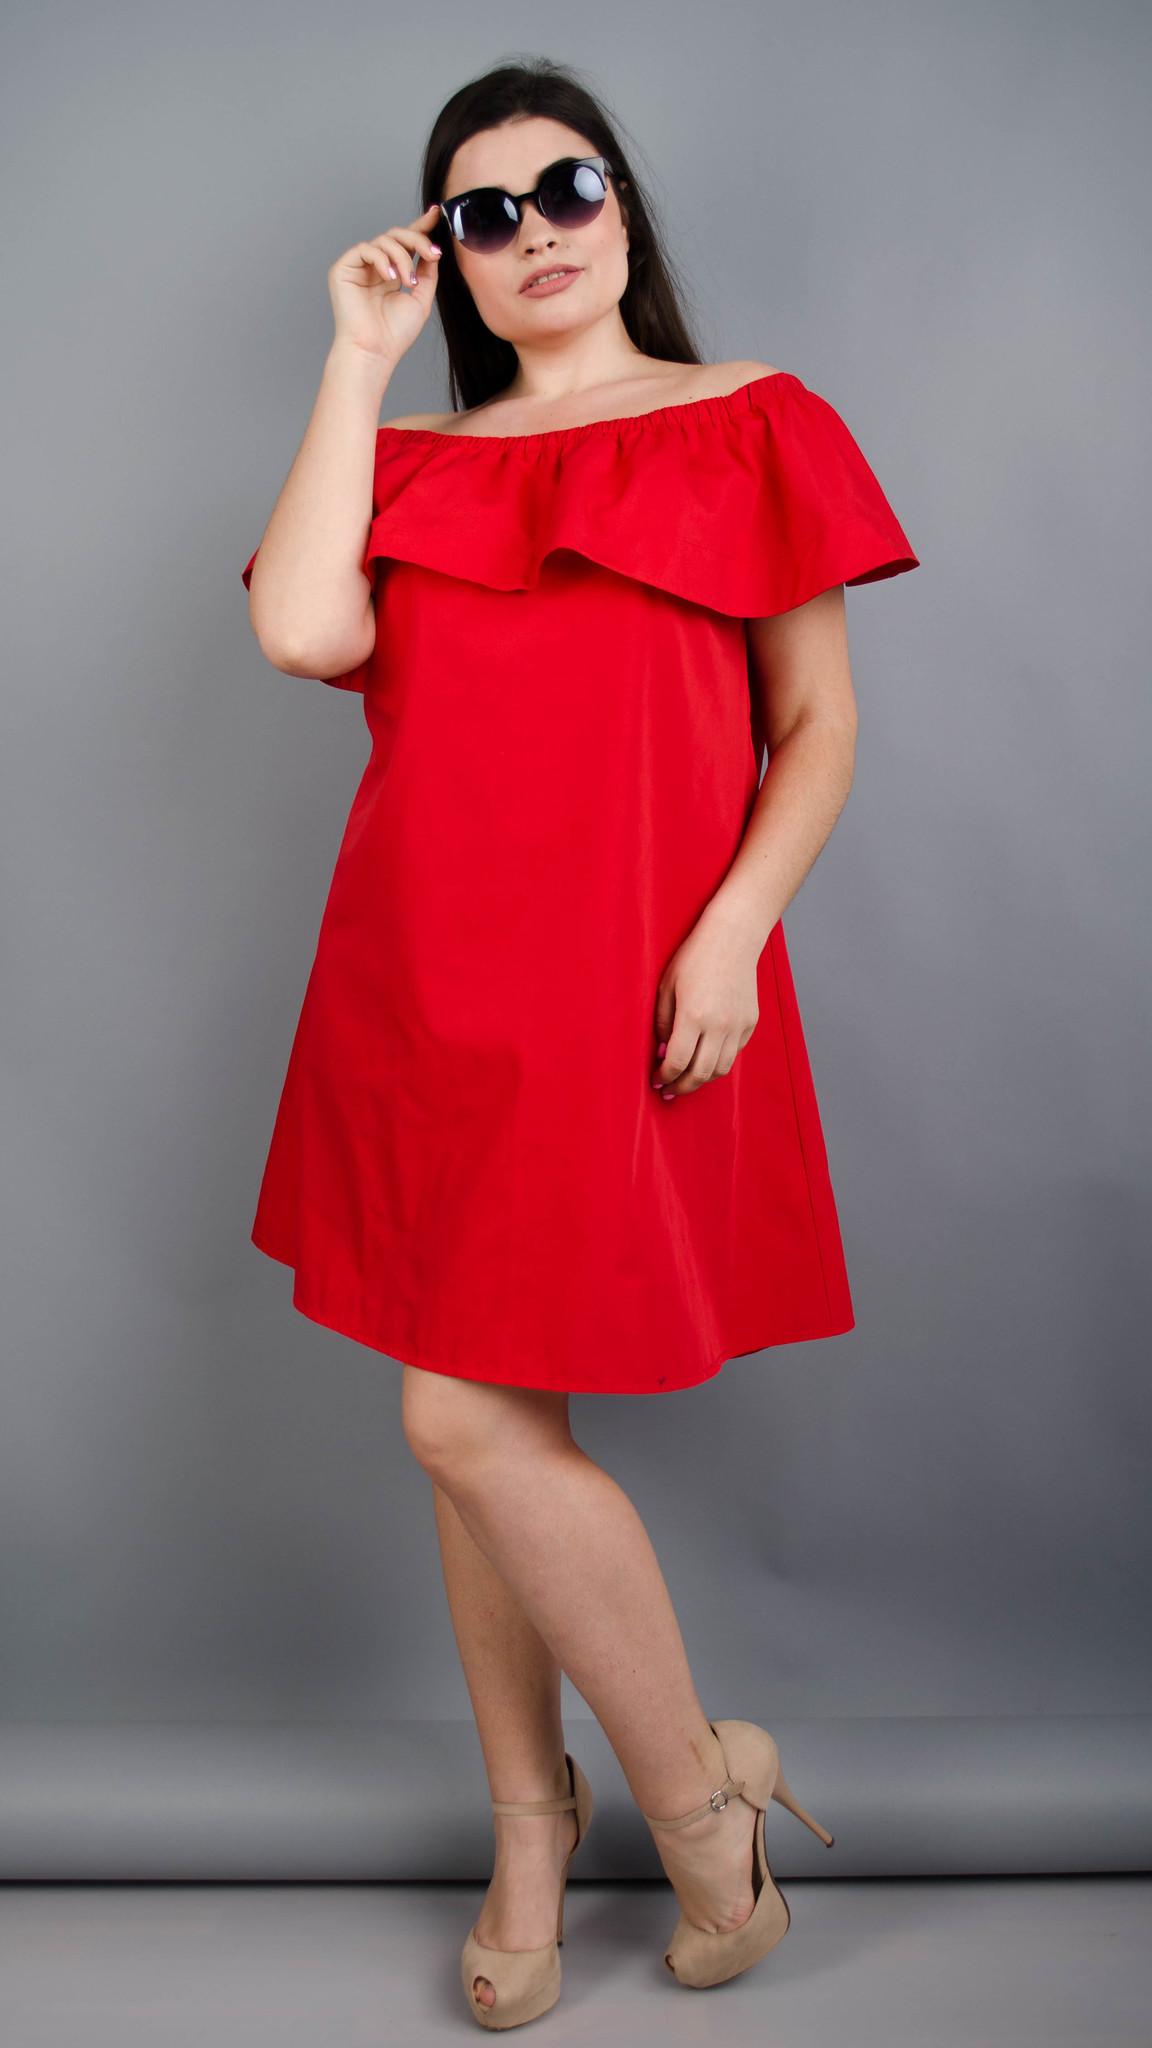 Балі. Модне плаття з воланом великих розмірів. Червоний.